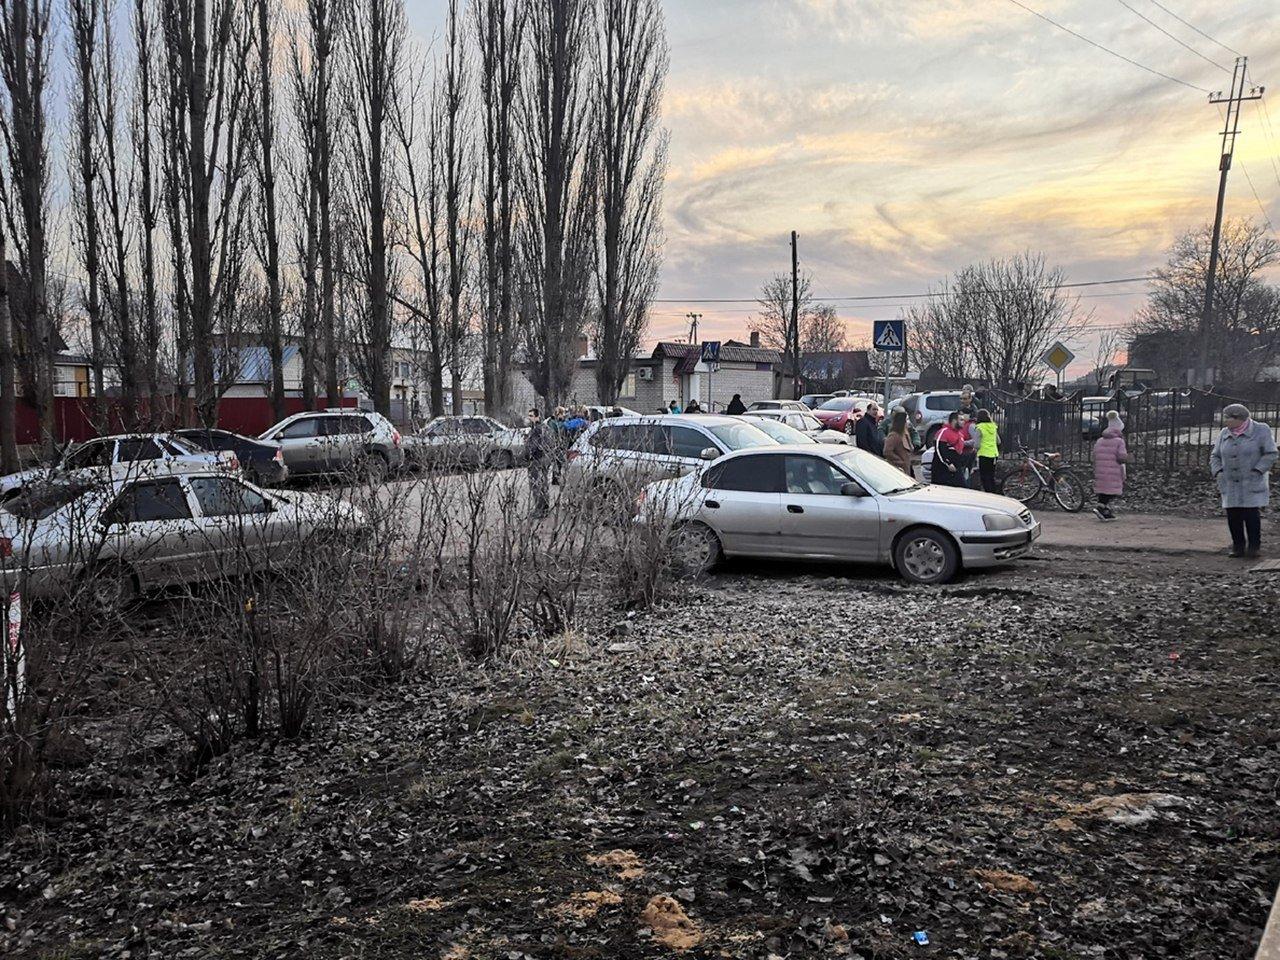 Поиск остановлен, но без вести пропавшую в Бокино девочку до сих пор не нашли, фото-1